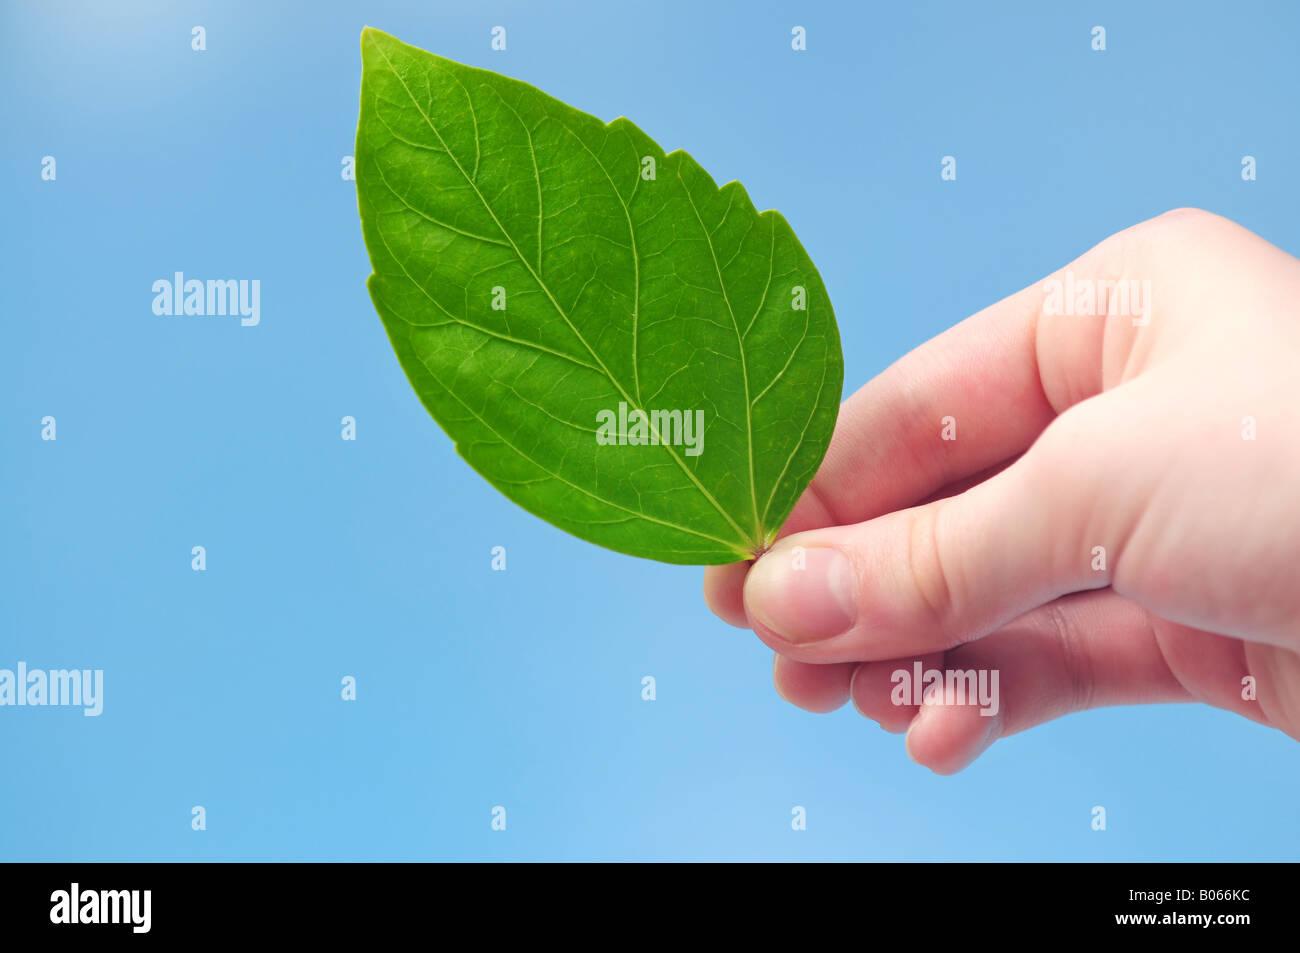 Mano azienda fresche foglie verdi su sfondo blu Immagini Stock